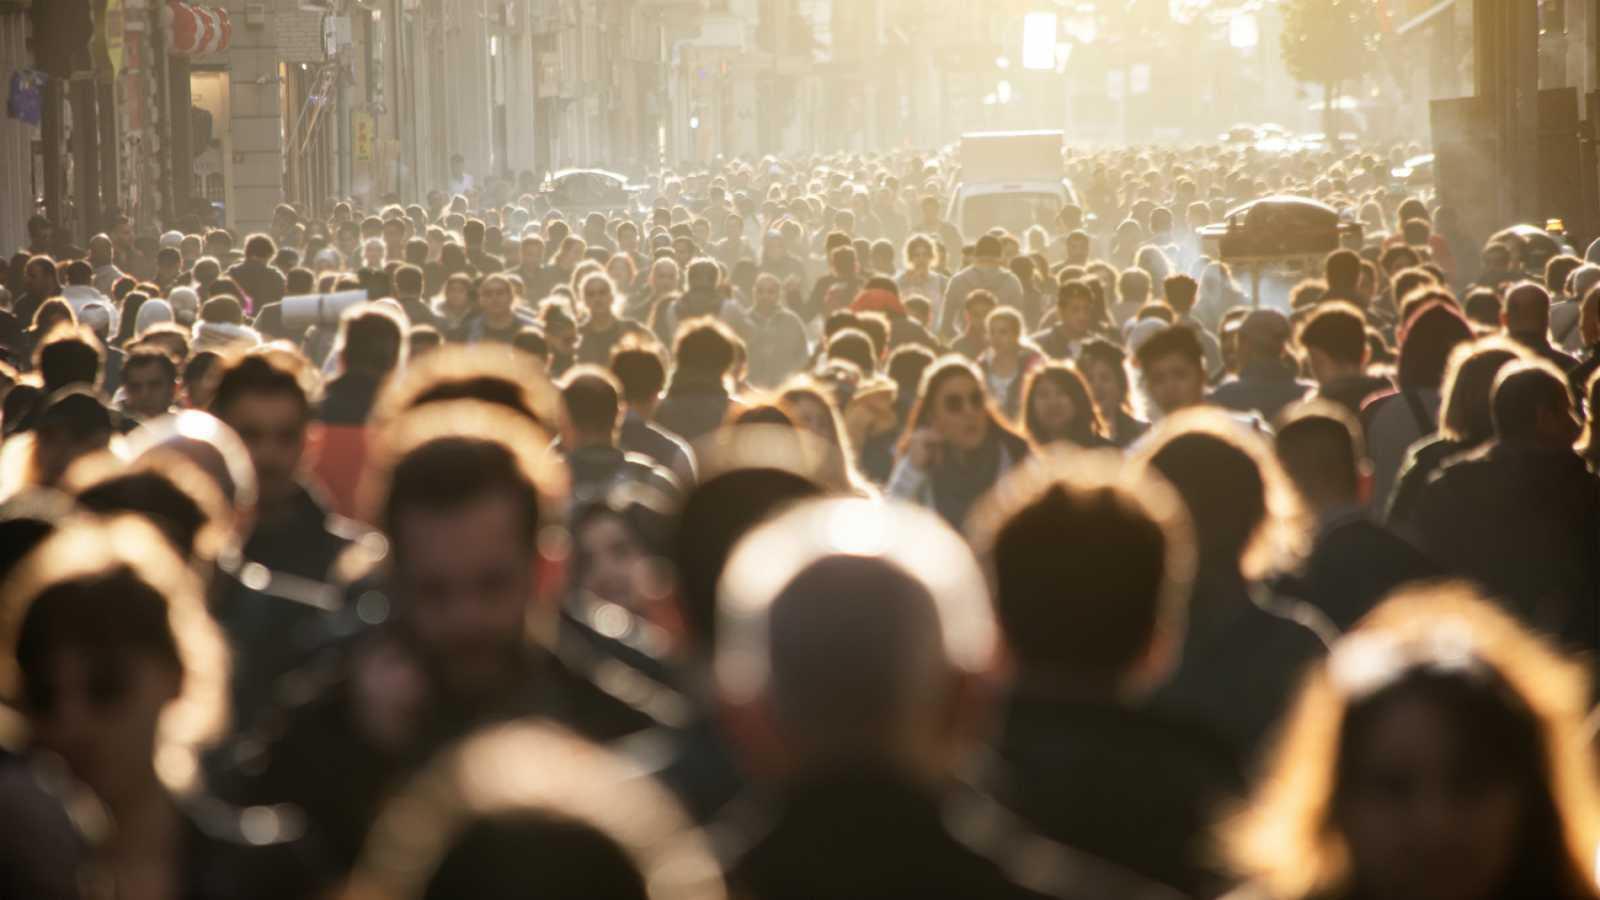 14 horas - España aumentará en más de 3 millones su población en 2070 gracias a la inmigración - Escuchar ahora